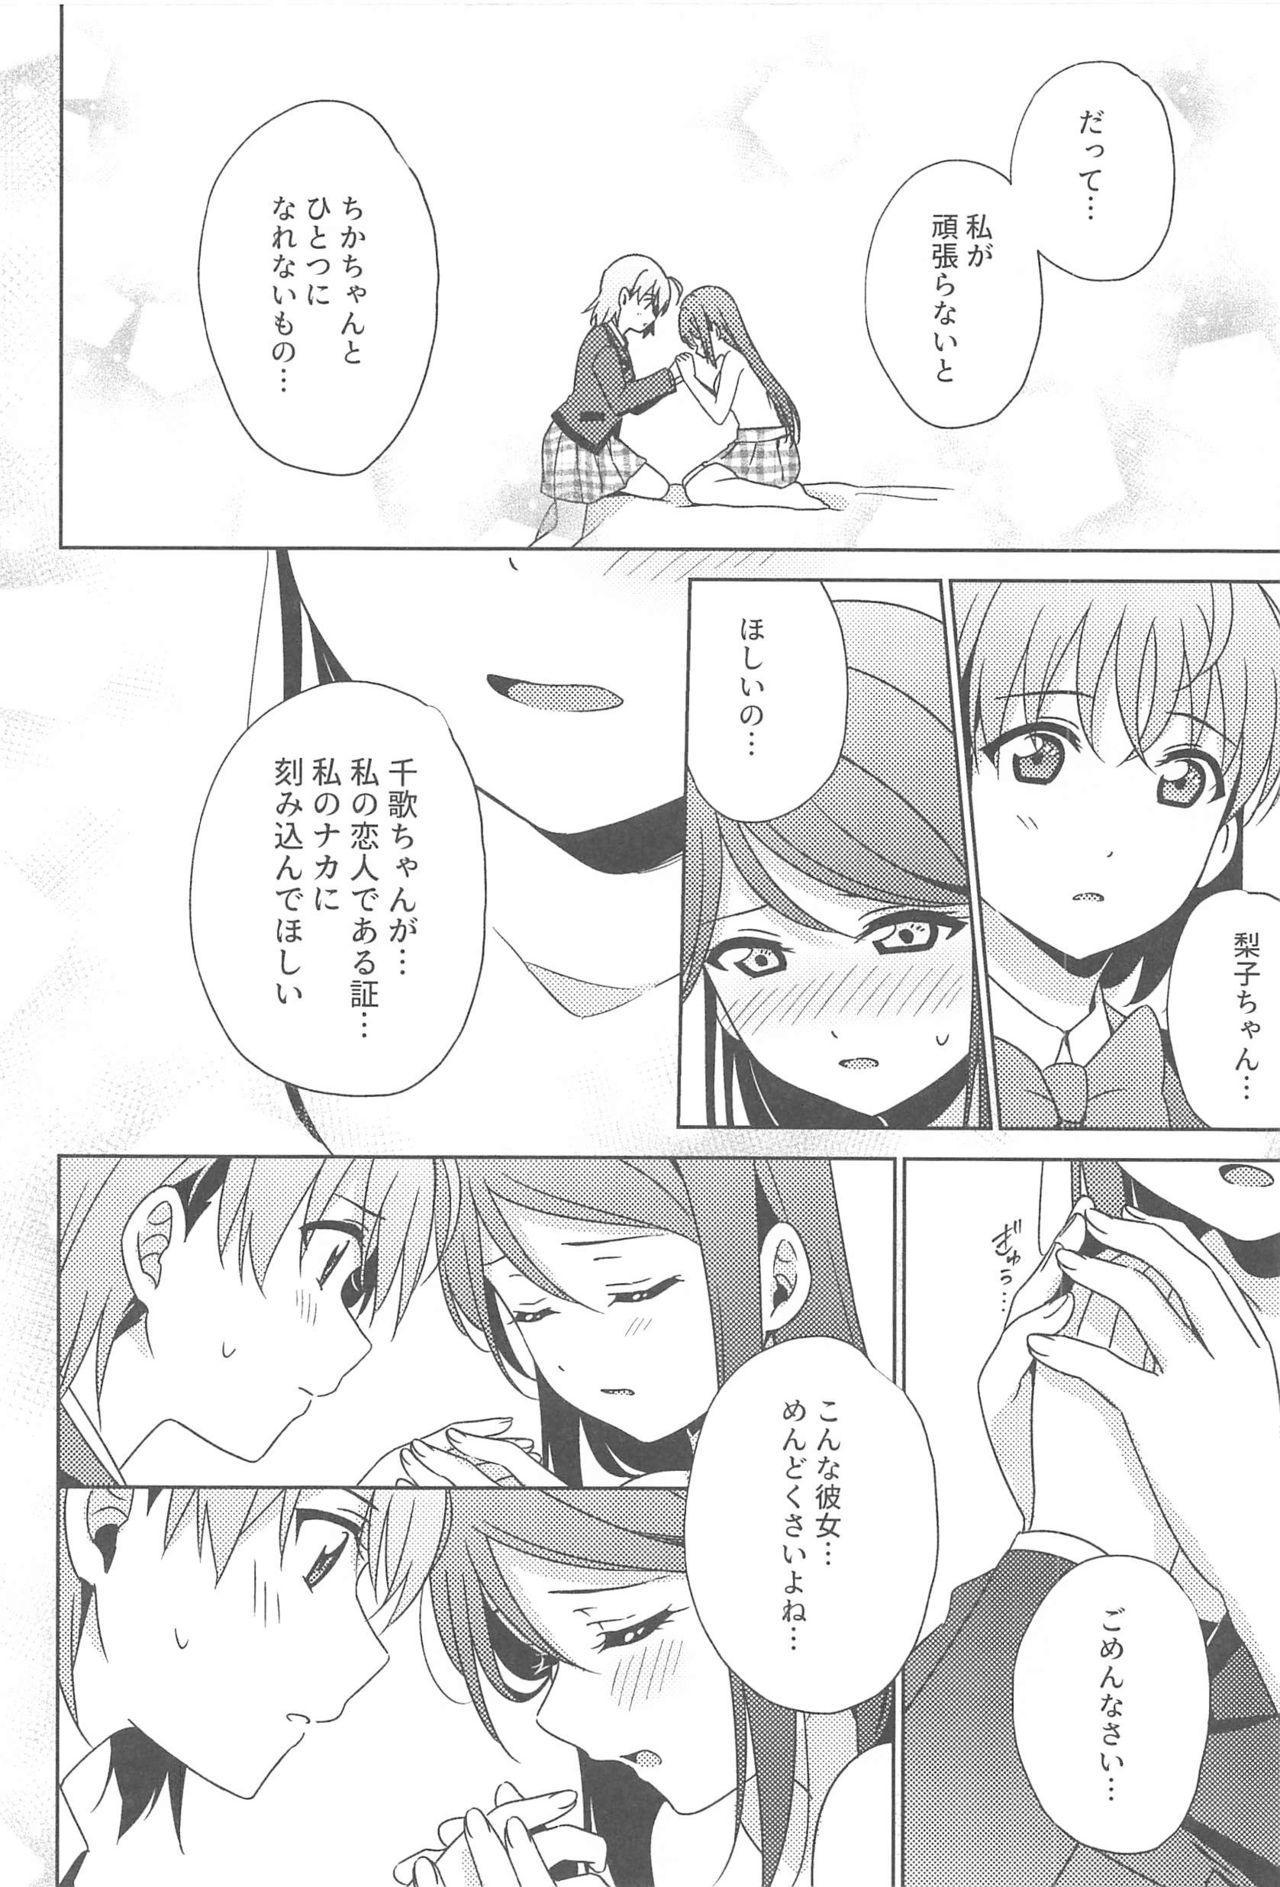 Chika-chan no ○○ ga Hairanai 18